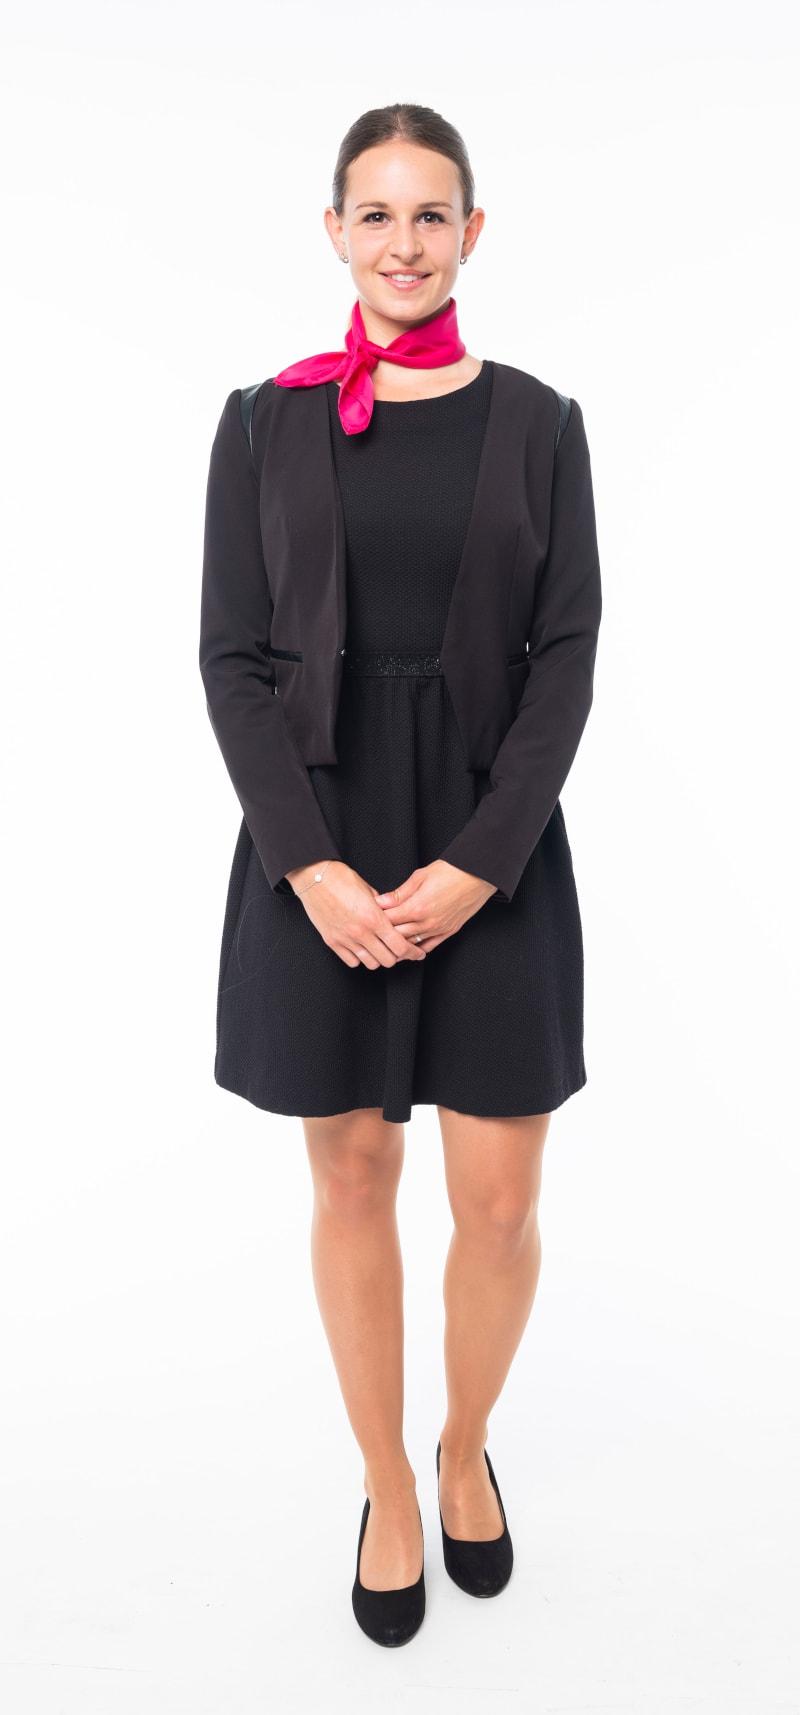 Robe noire cintrée veste noire ajustée